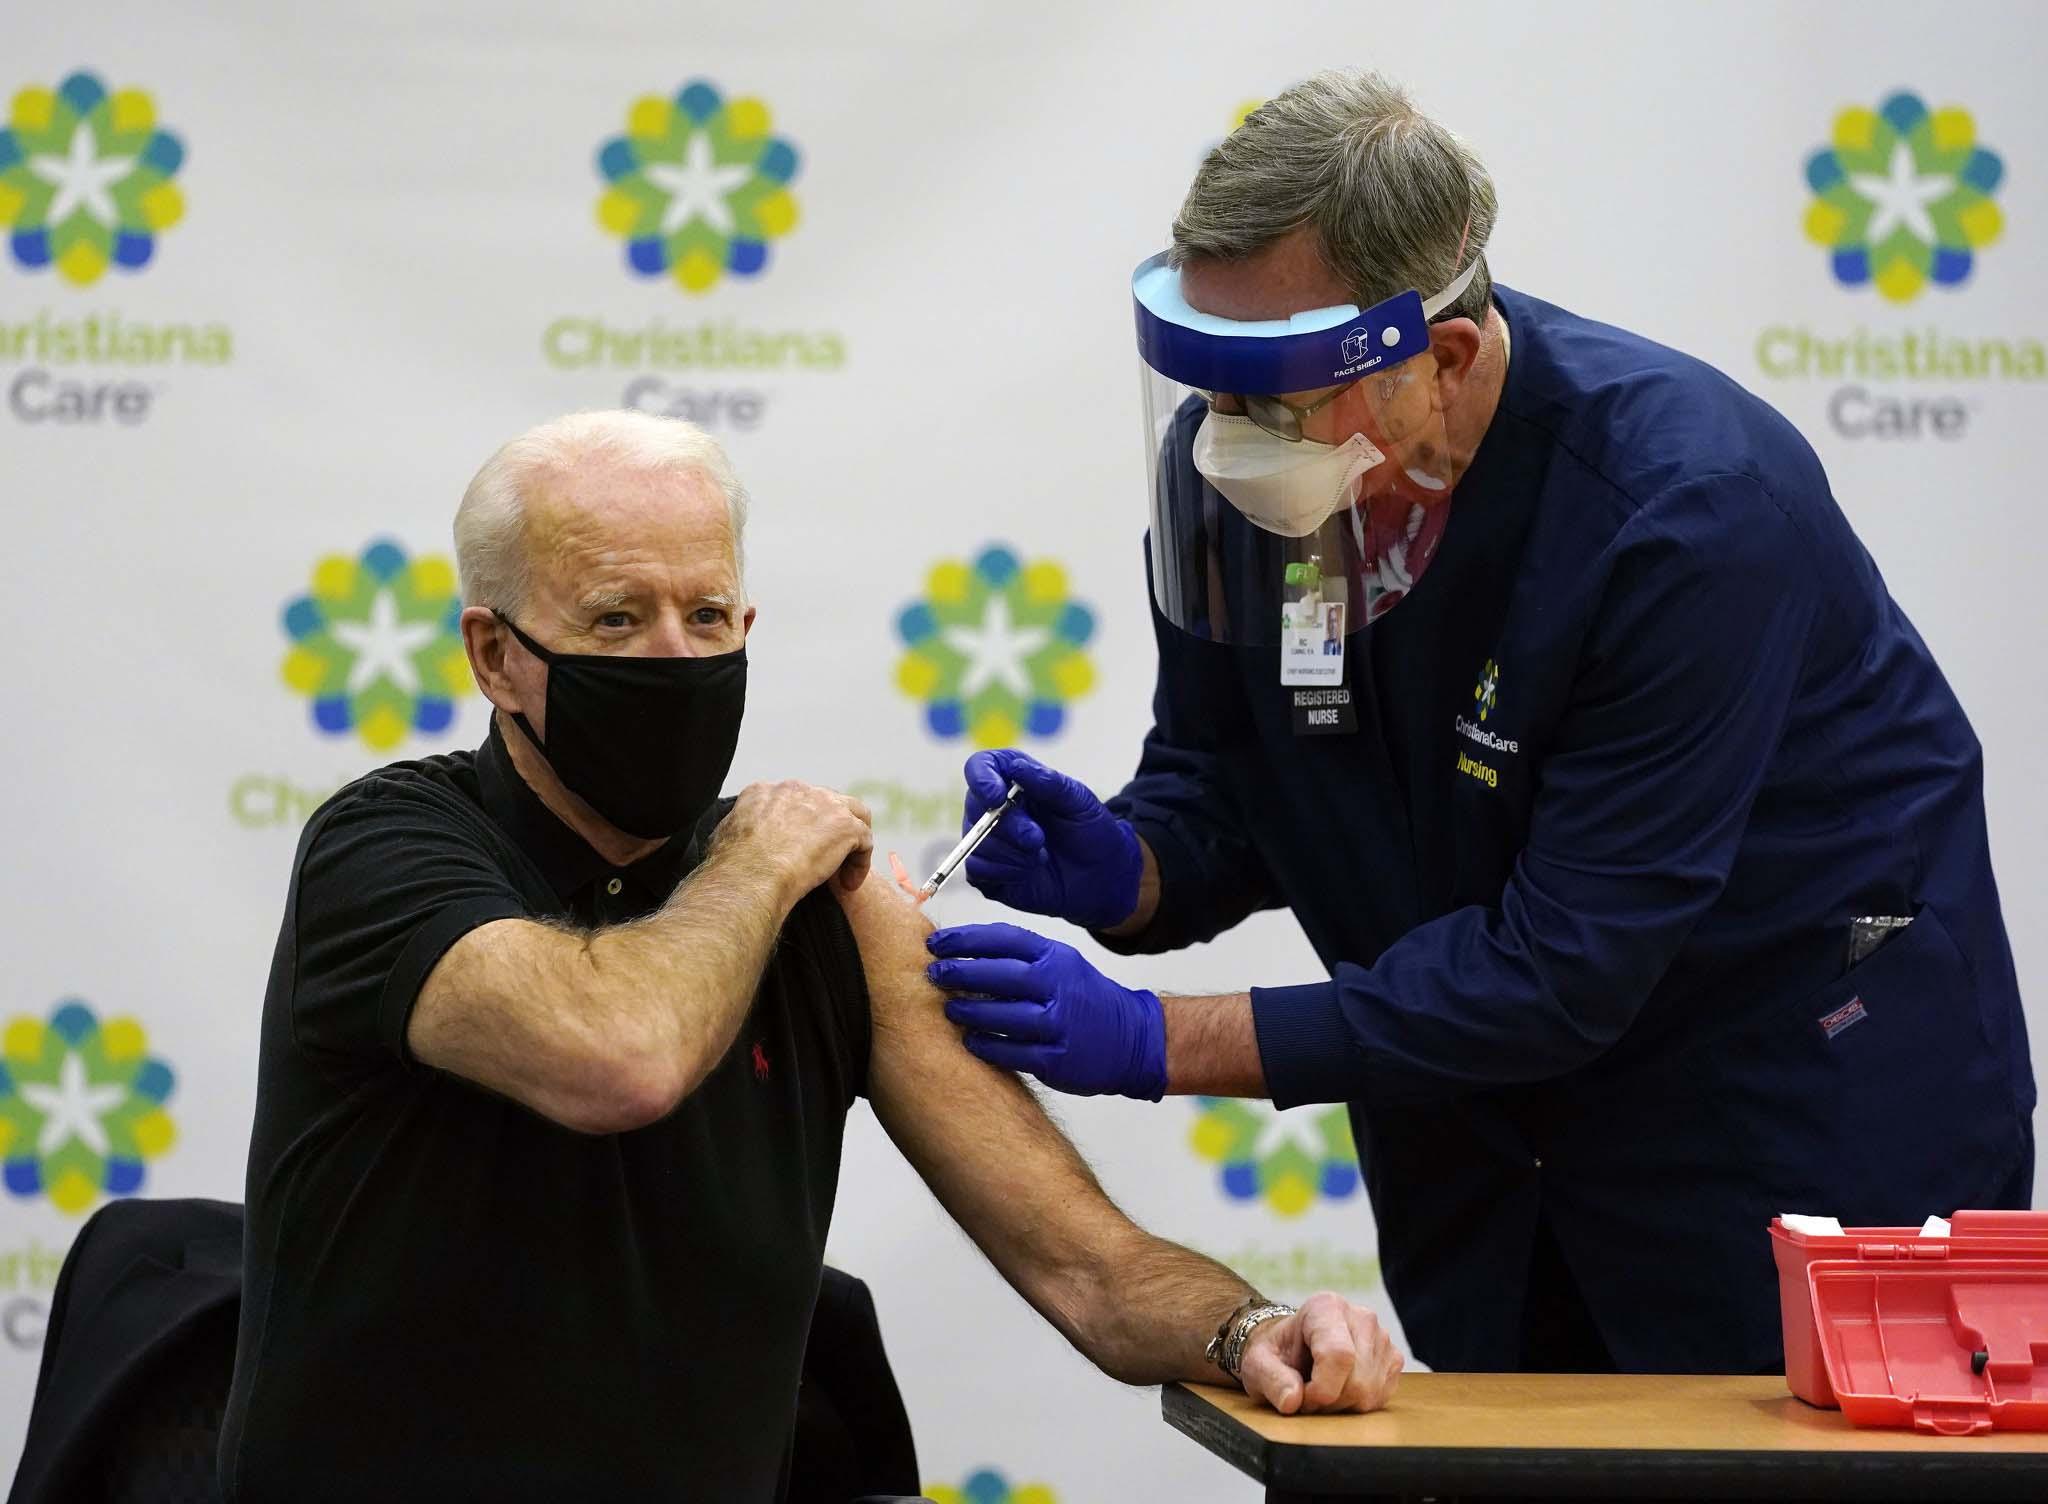 当地时间2021年1月11日,美国特拉华州,美国当选总统拜登在医院公开接种了第二剂新冠疫苗。